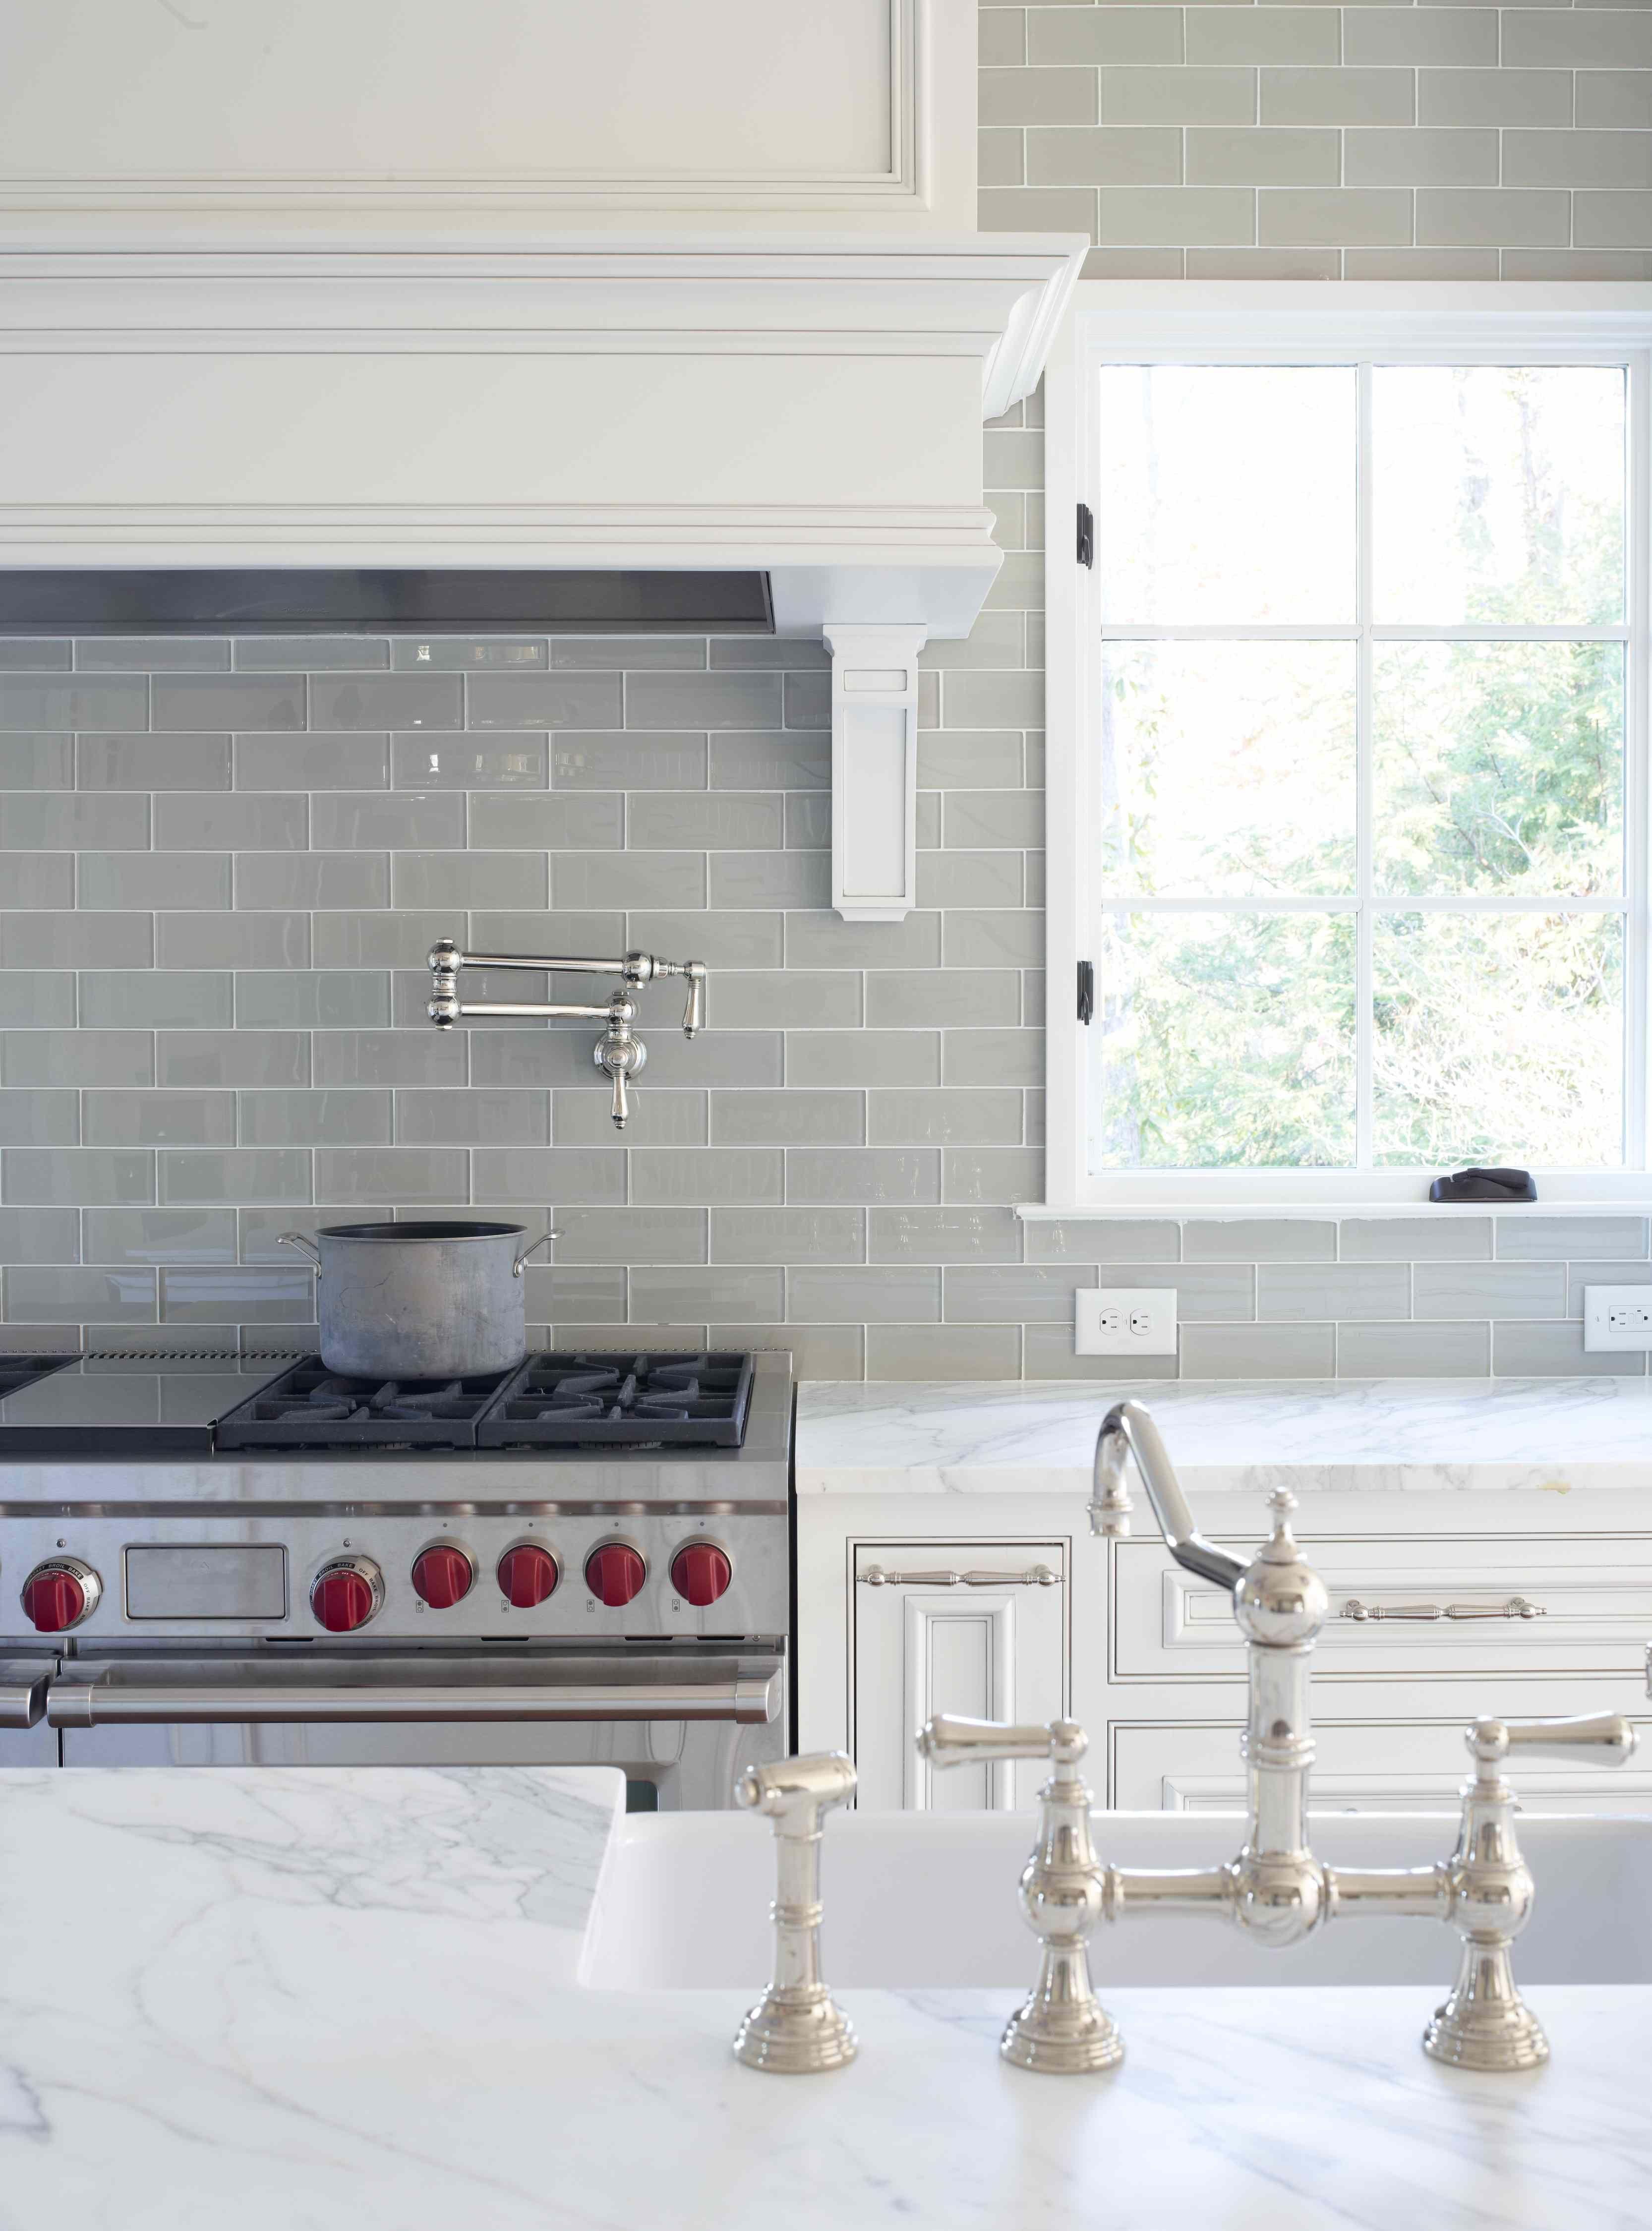 white tile backsplash kitchen crosley islands smoke glass subway in 2019 h u m b l e a o d